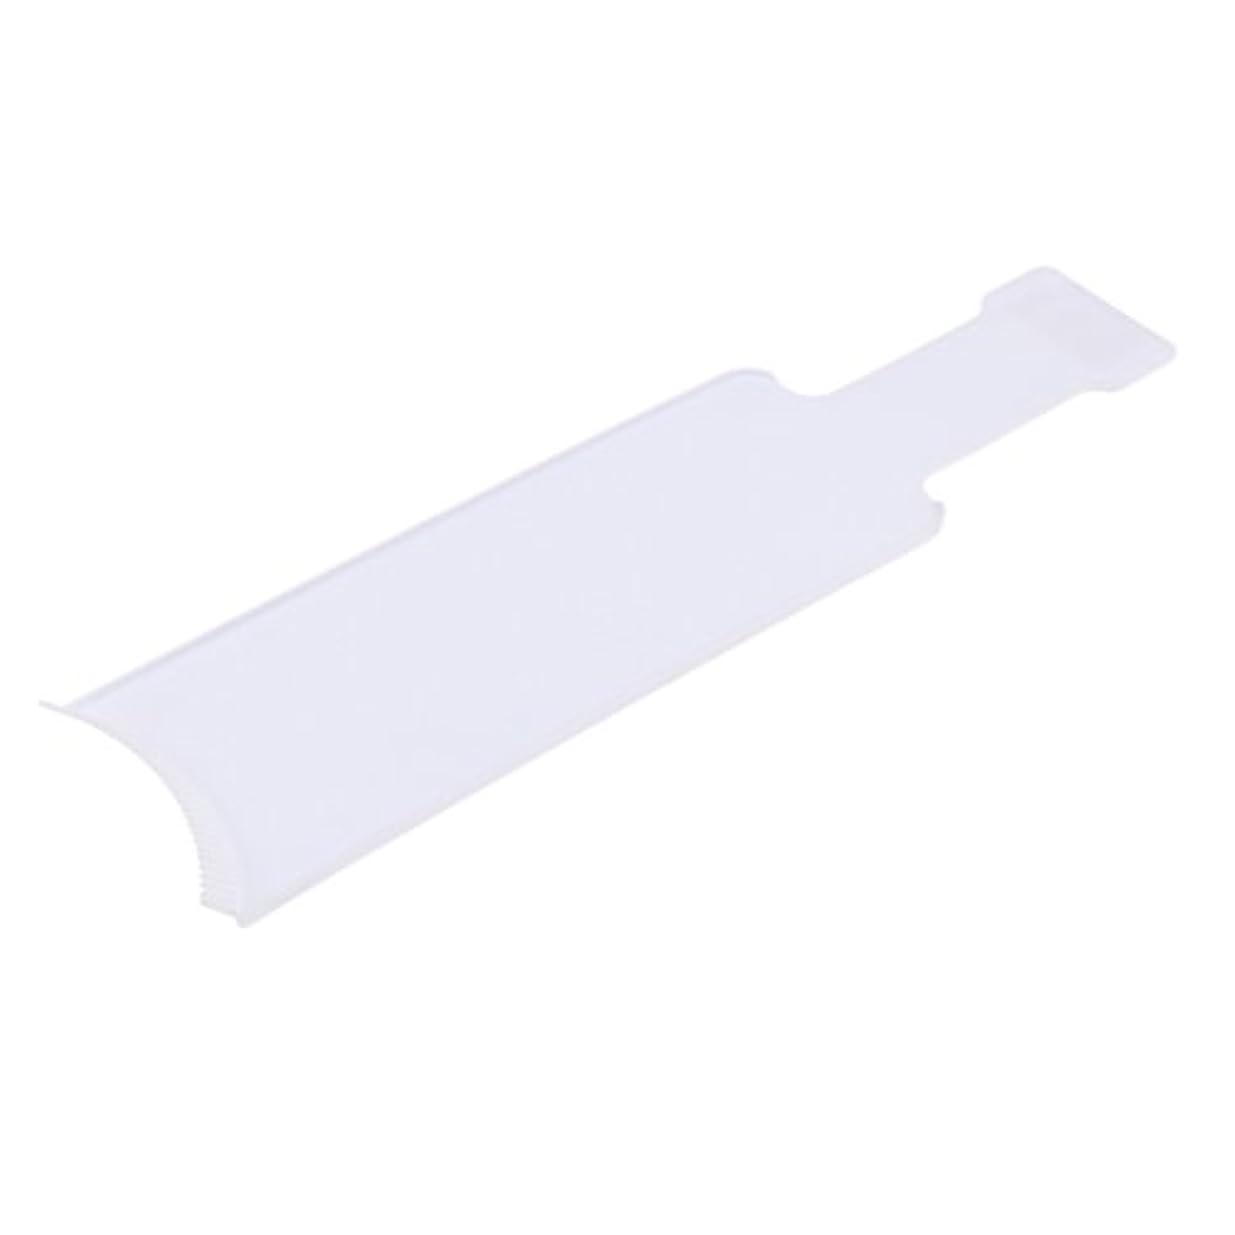 淡い箱検査官染色櫛プレート 着色ボード 染めボード ヘアカラー ヘアブラシ 便利 おしゃれ染 2サイズ2色選べる - 白, L